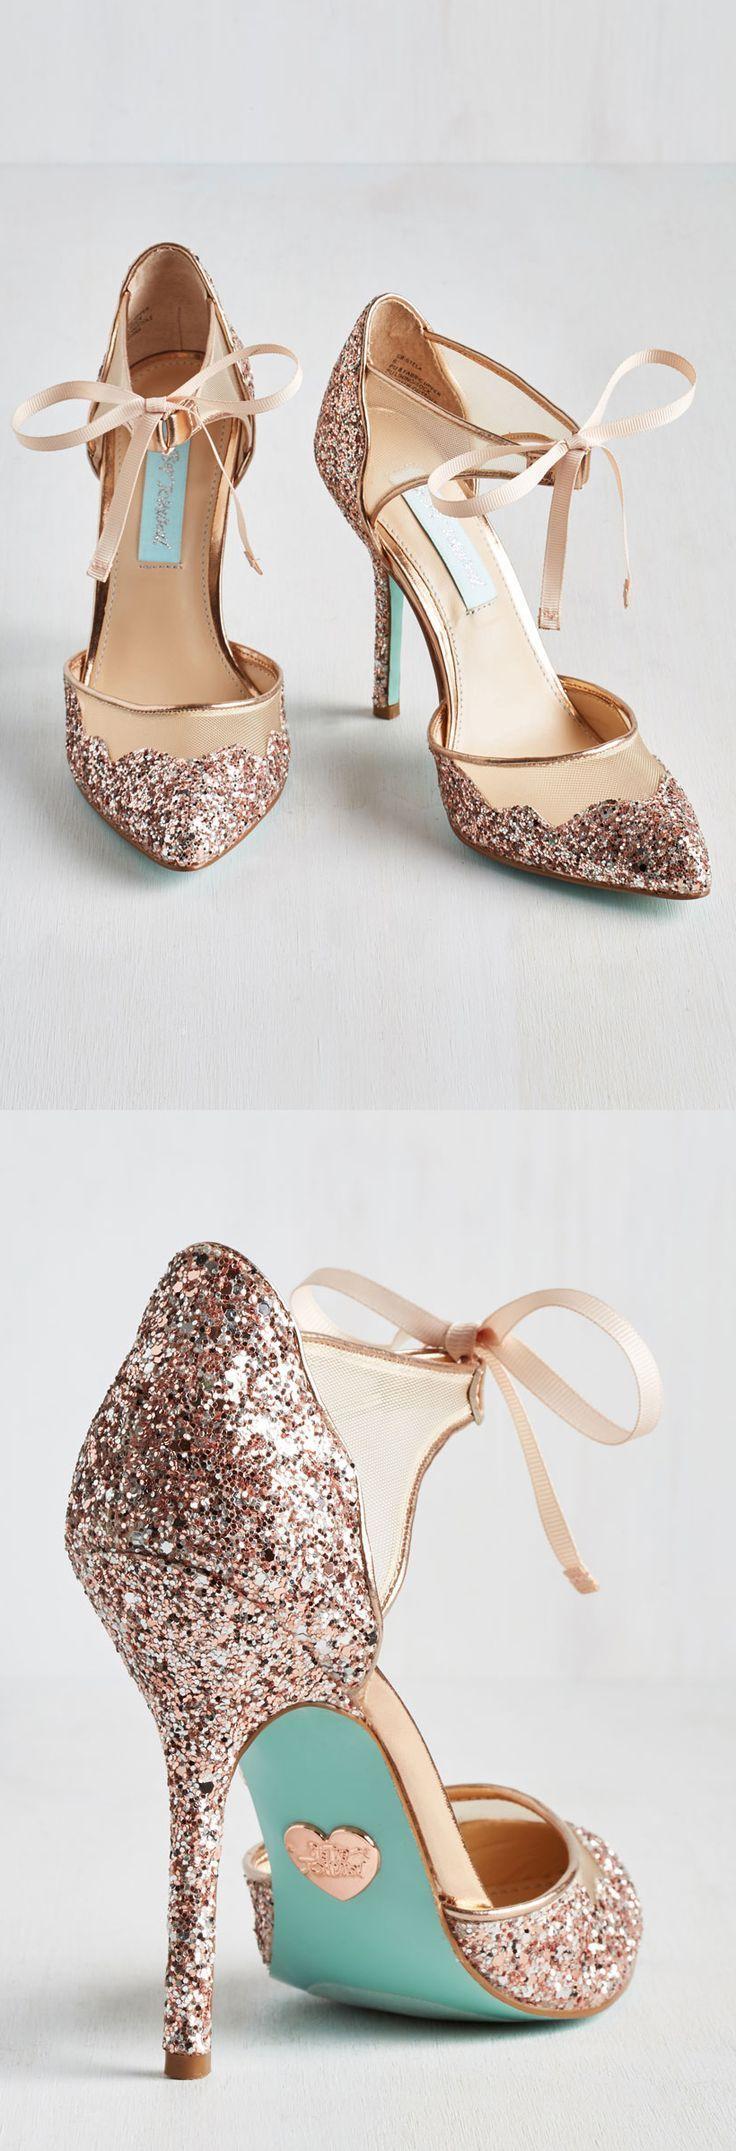 ツ 36 Beautiful Must Have Shoes ツ